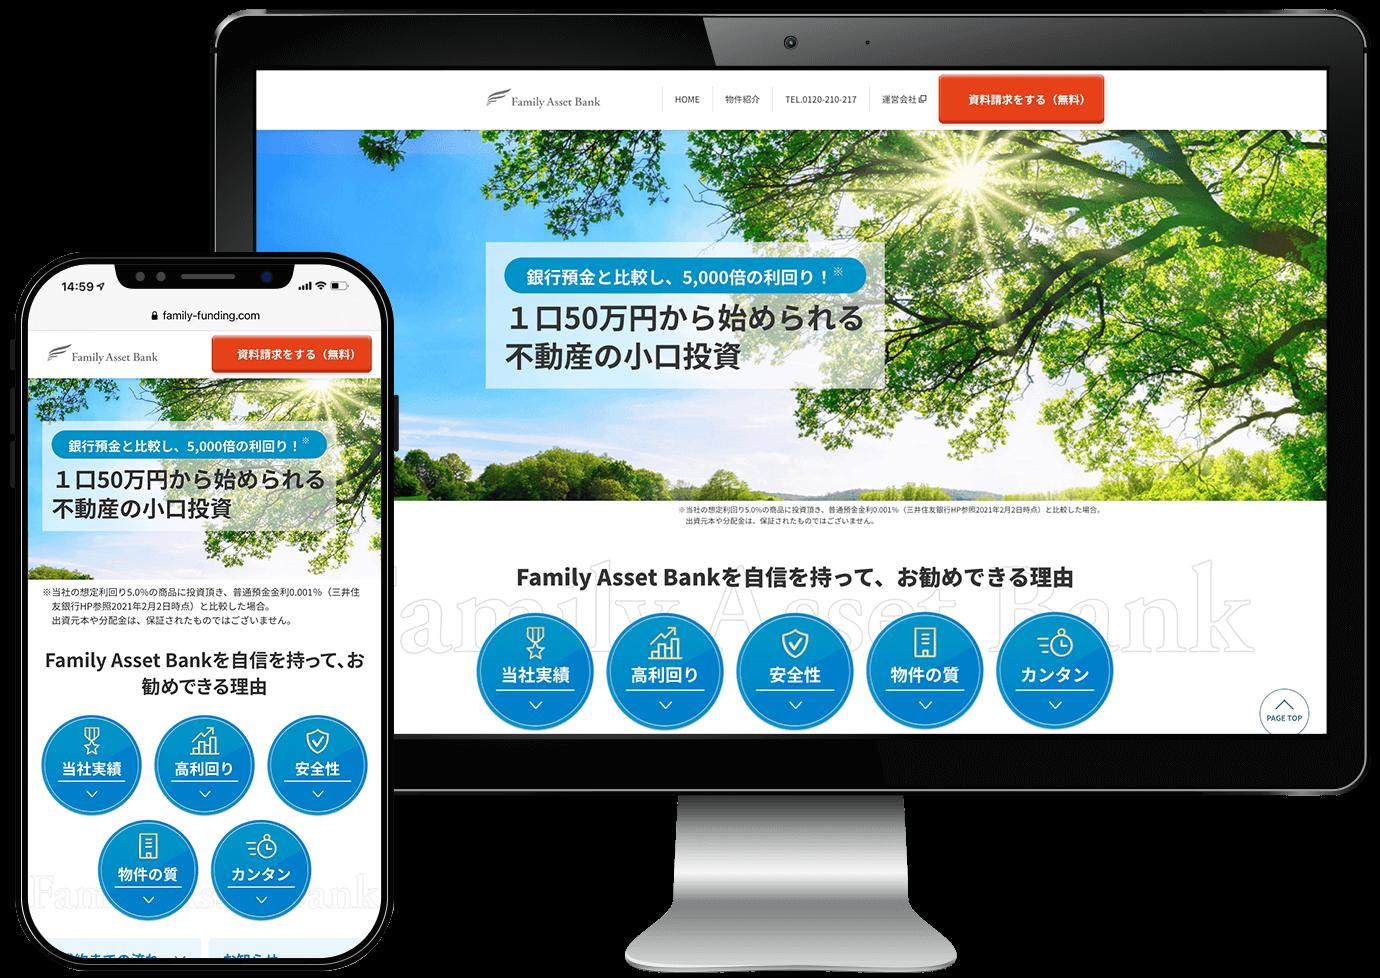 ファミリーアセットバンクのWebサイト画面